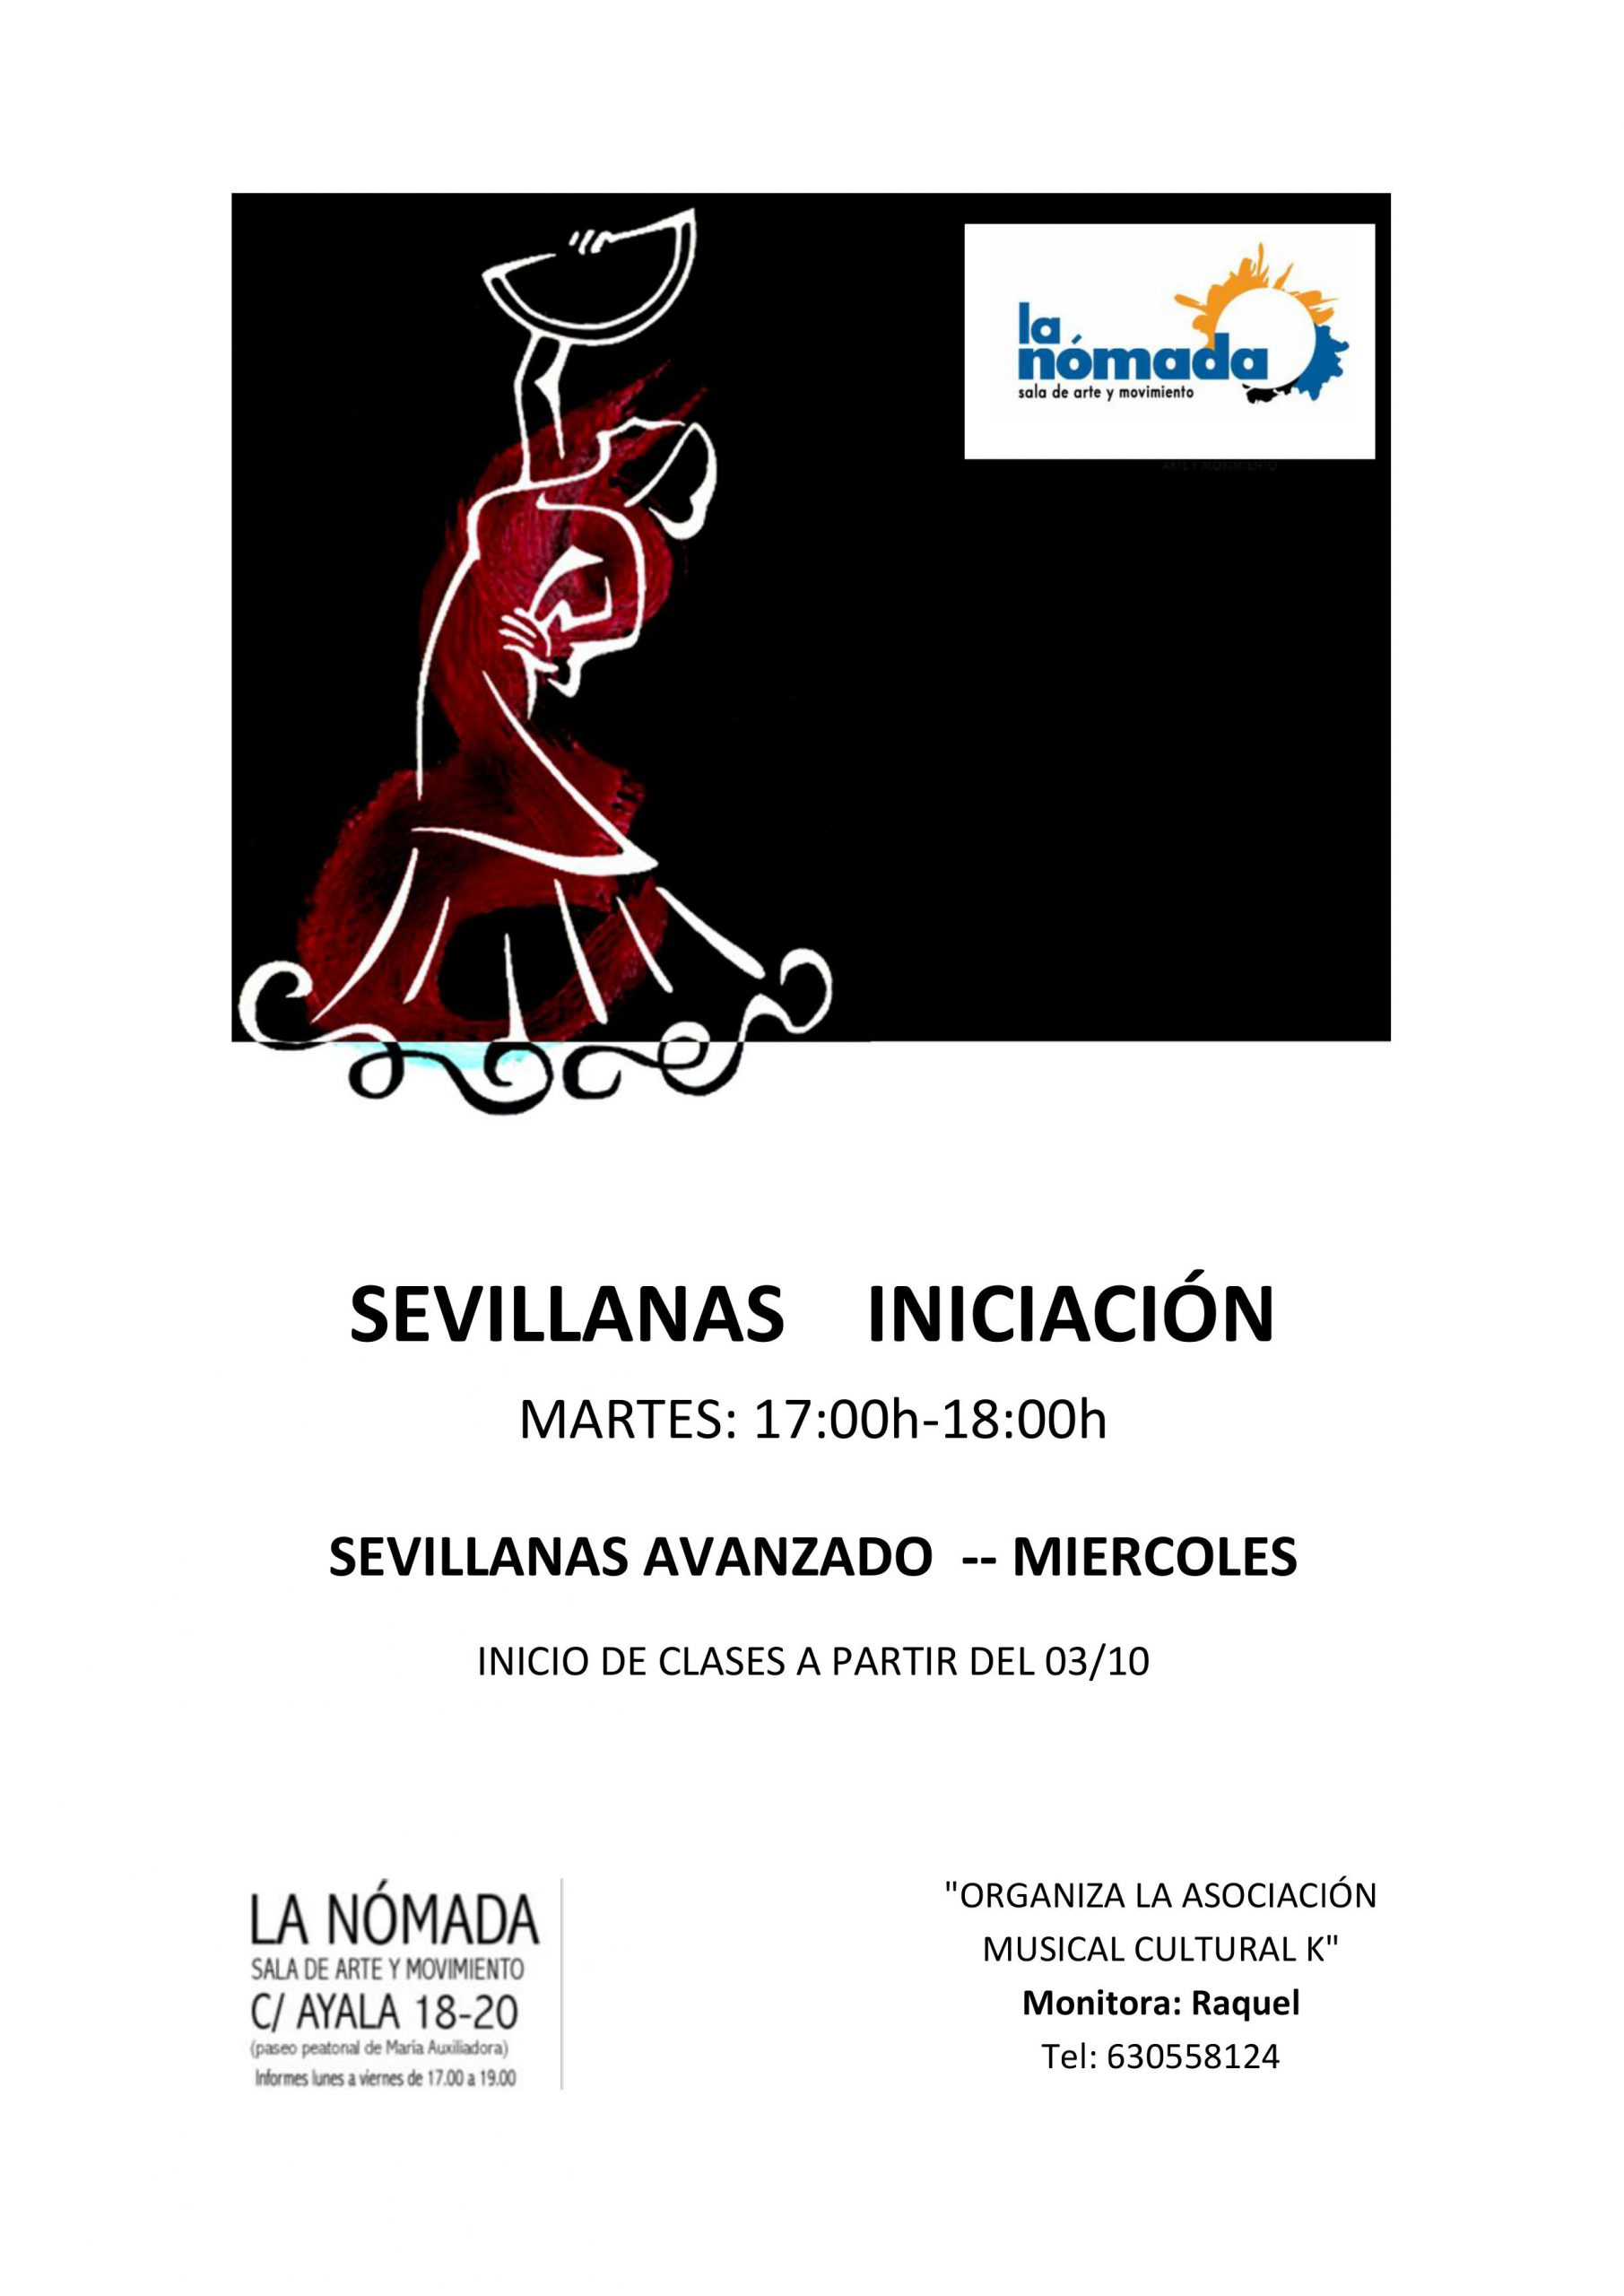 Clases de Sevillanas: Todos los niveles